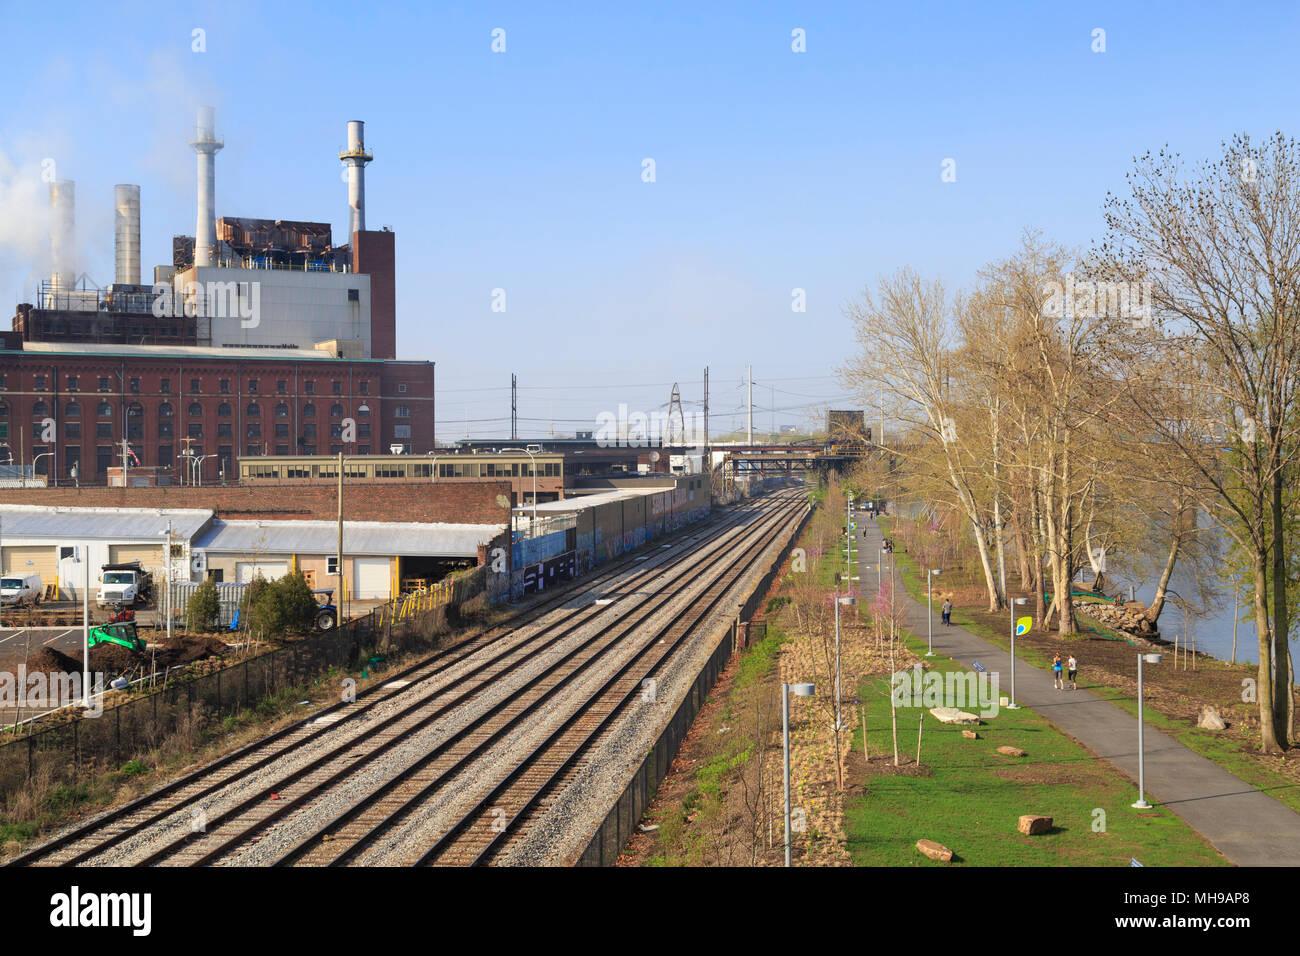 Bancos Schuylkill sendero de recreación y capacitar tracksin revitalizada zona industrial con la planta de energía térmica de Veolia, Filadelfia, Pennsylvania, EE.UU. Imagen De Stock